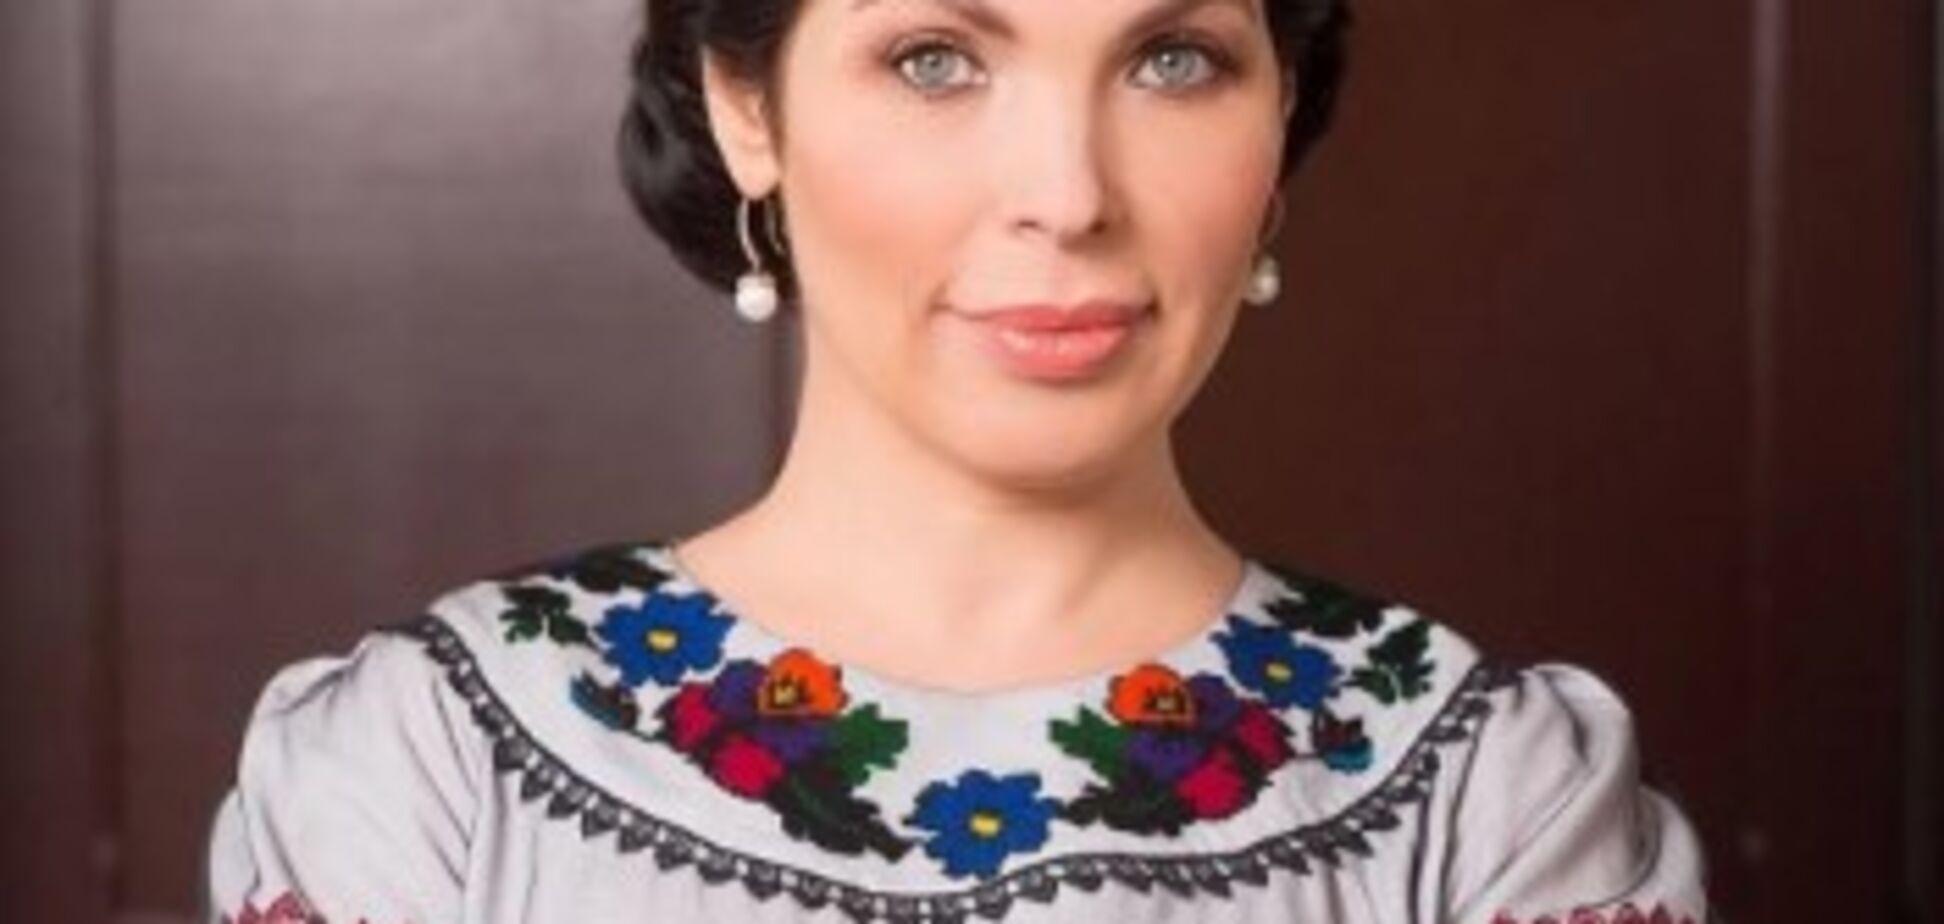 Ограбление 'Мисс Украины' в Киеве: появились подробности